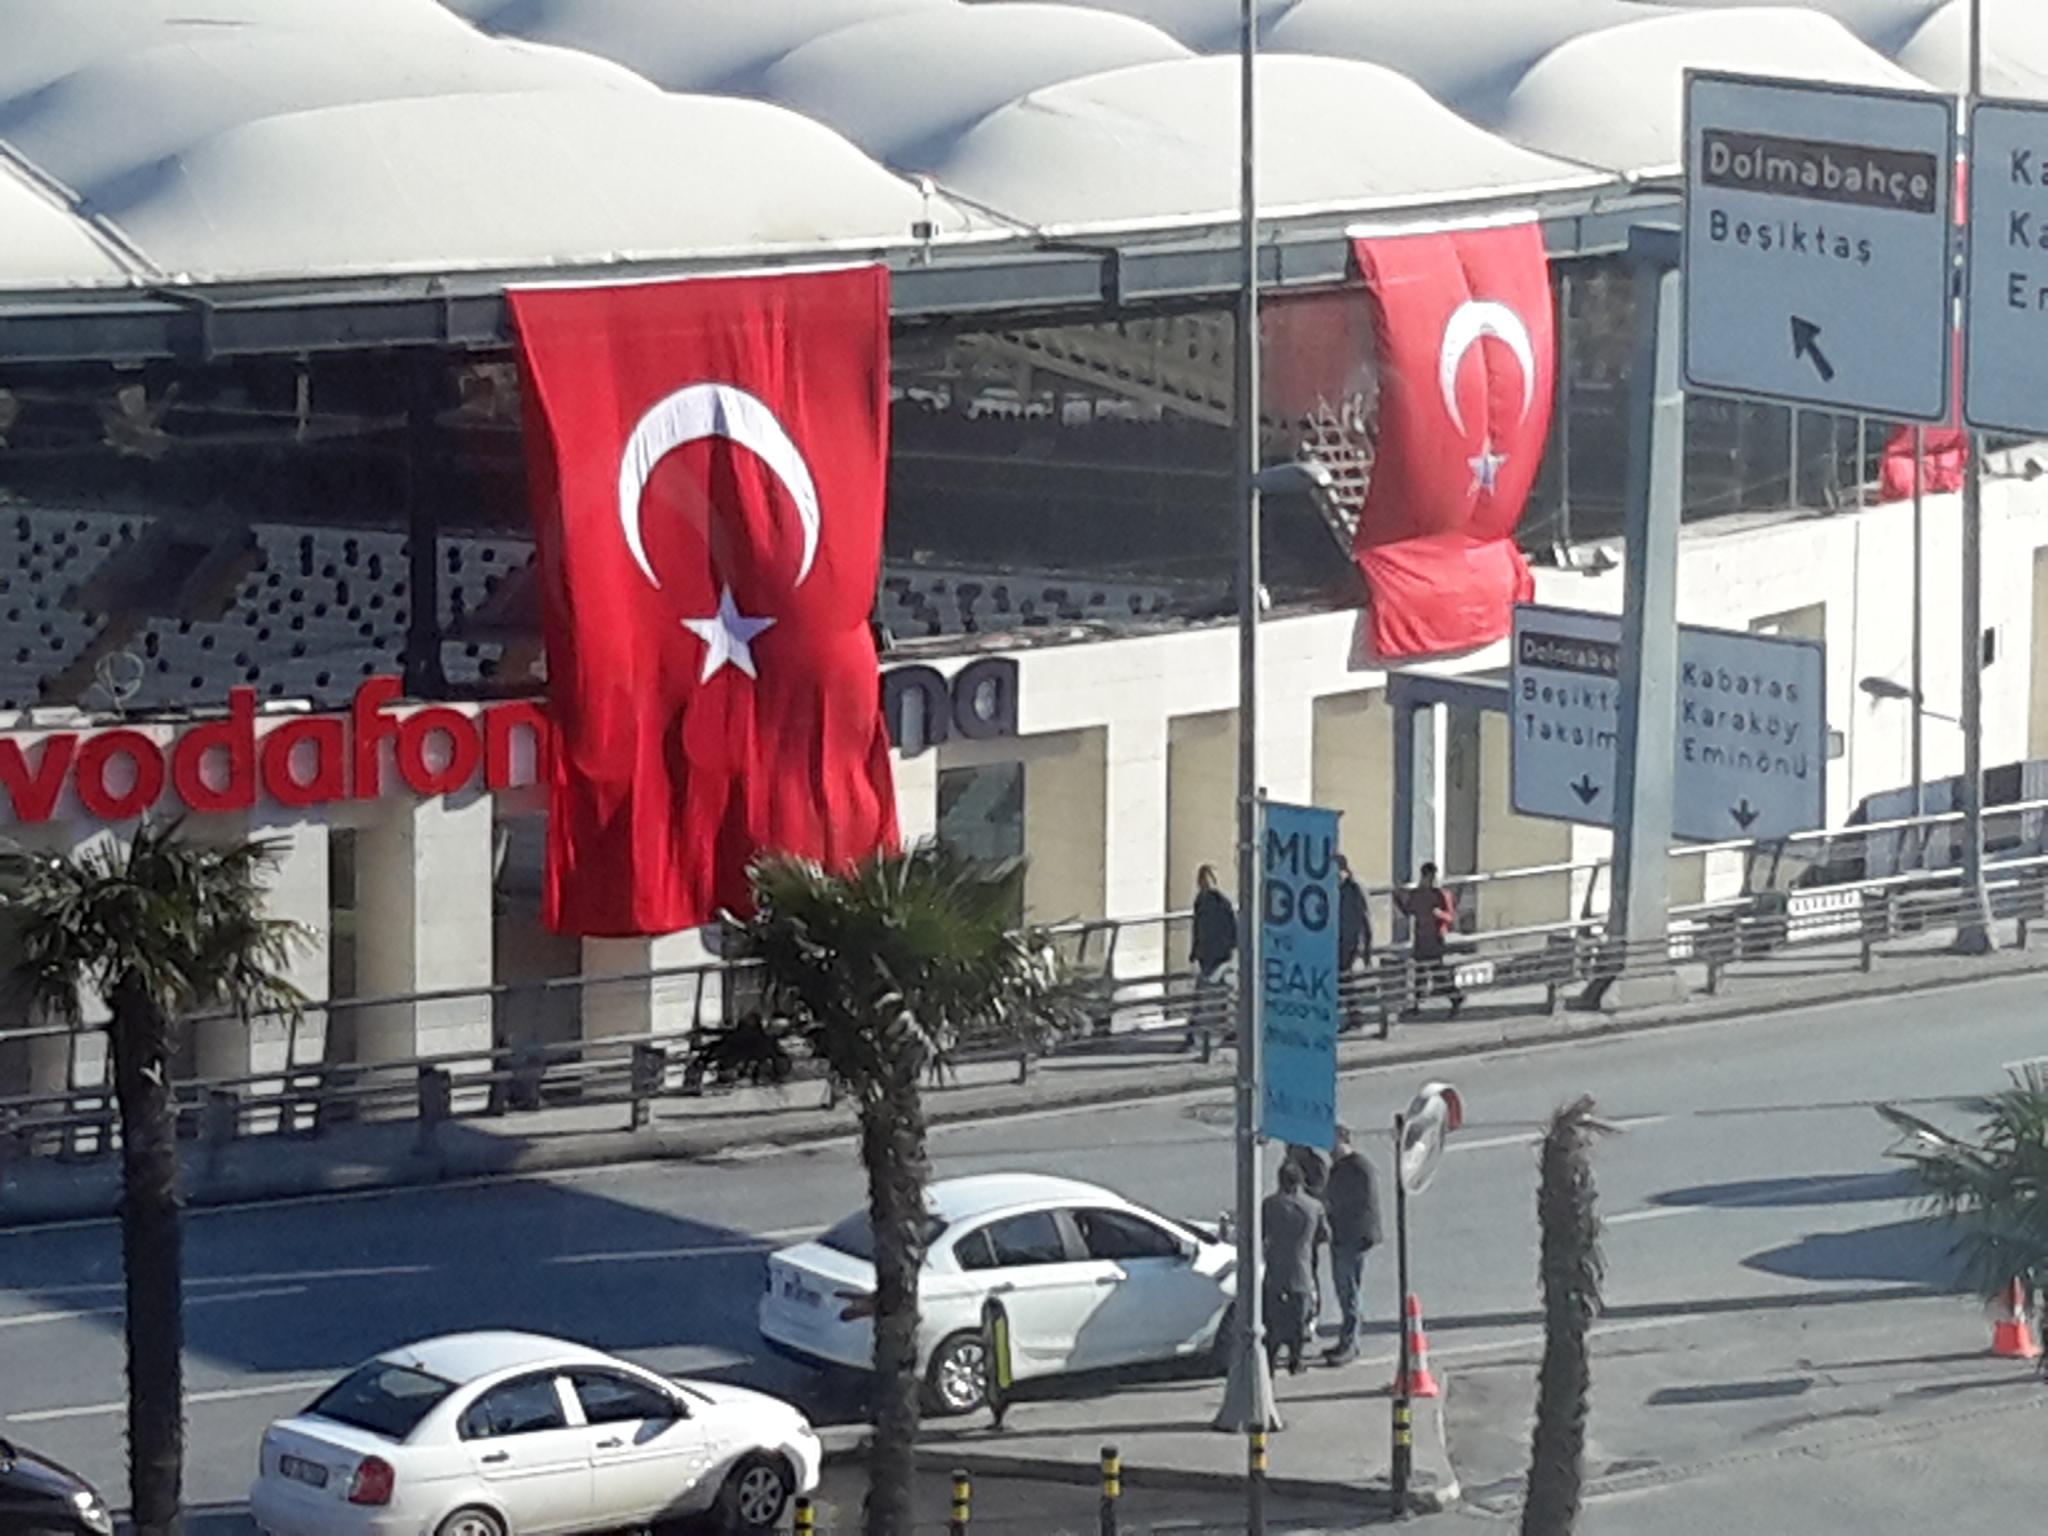 Crônicas de Istambul: Depois da tragédia, as homenagens e a solidariedade